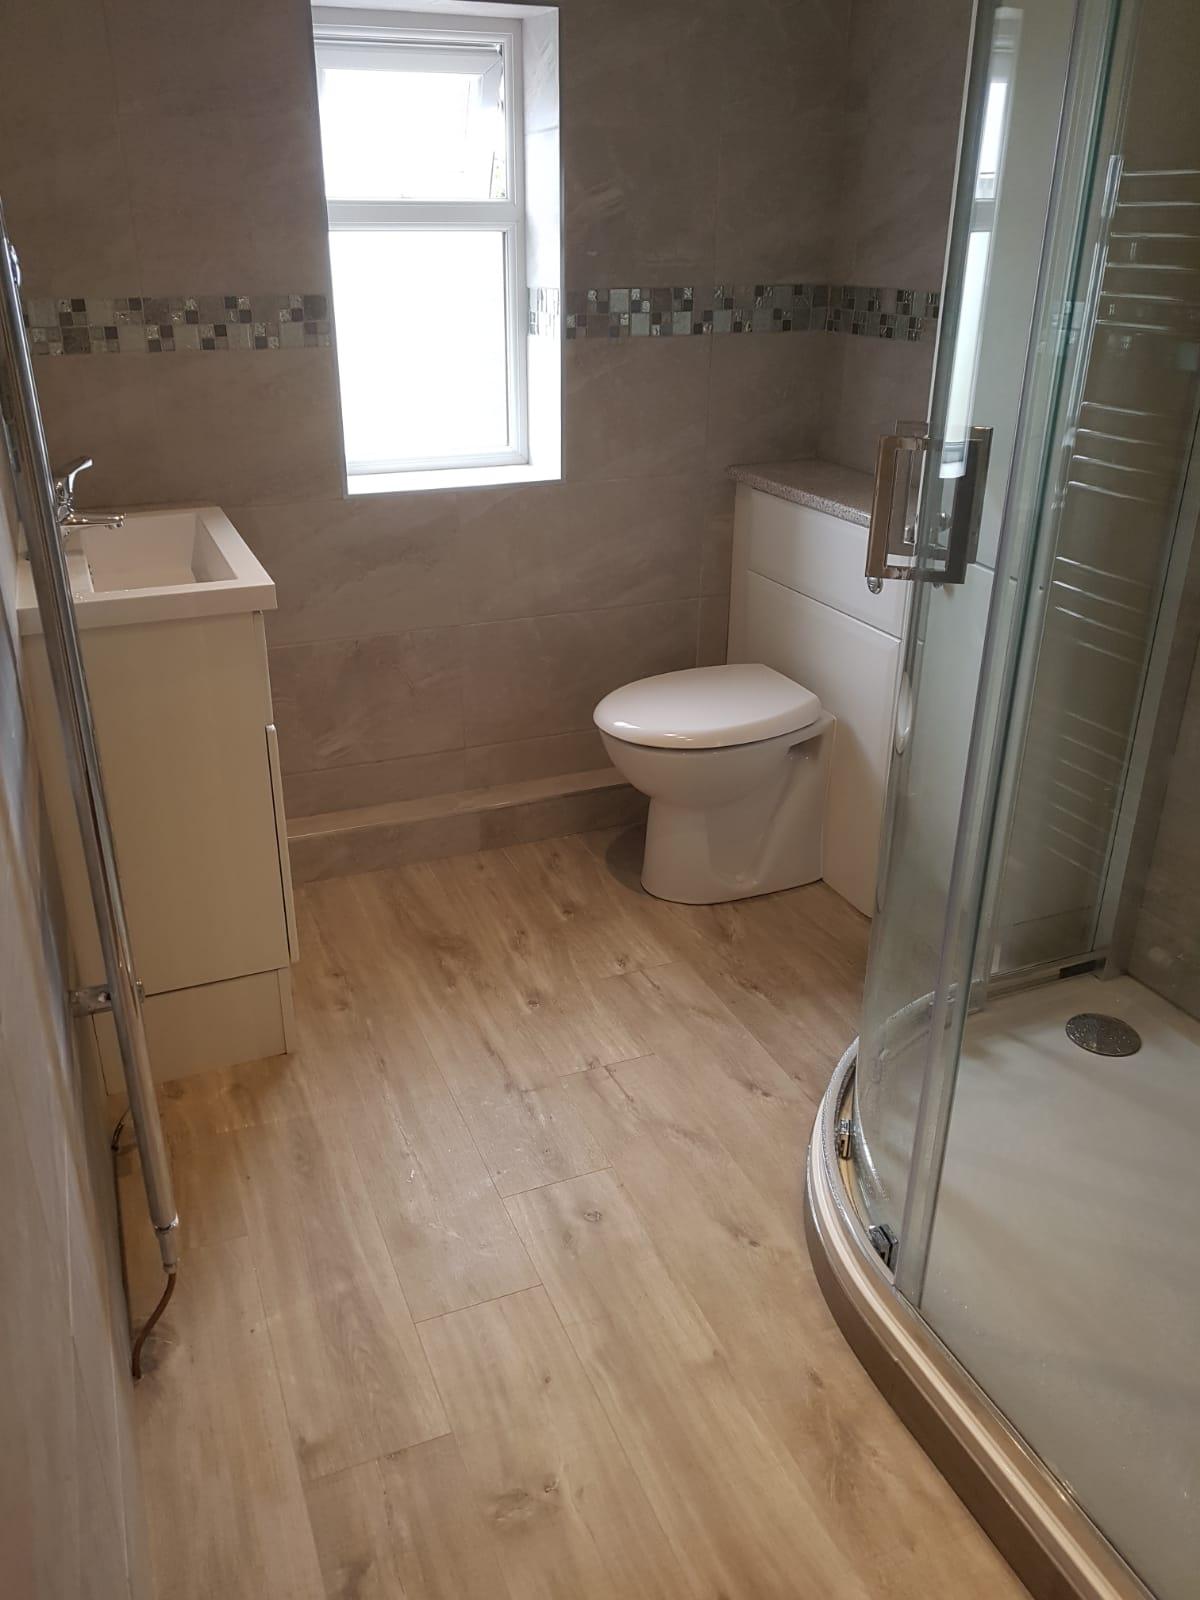 Bathroom3a.jpg